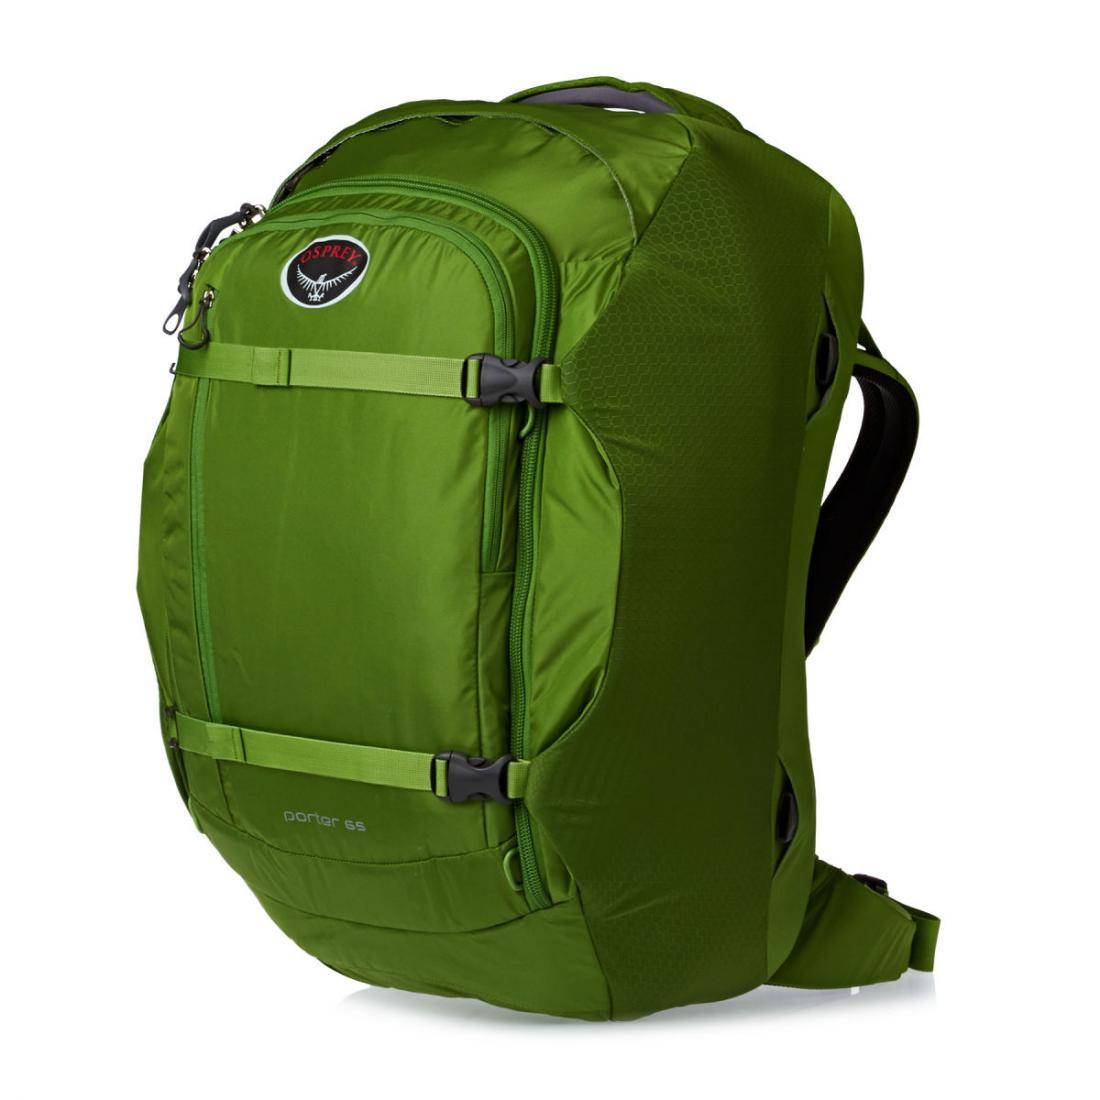 Сумка-рюкзак Porter 65Рюкзаки<br><br><br>Цвет: Темно-зеленый<br>Размер: 65 л